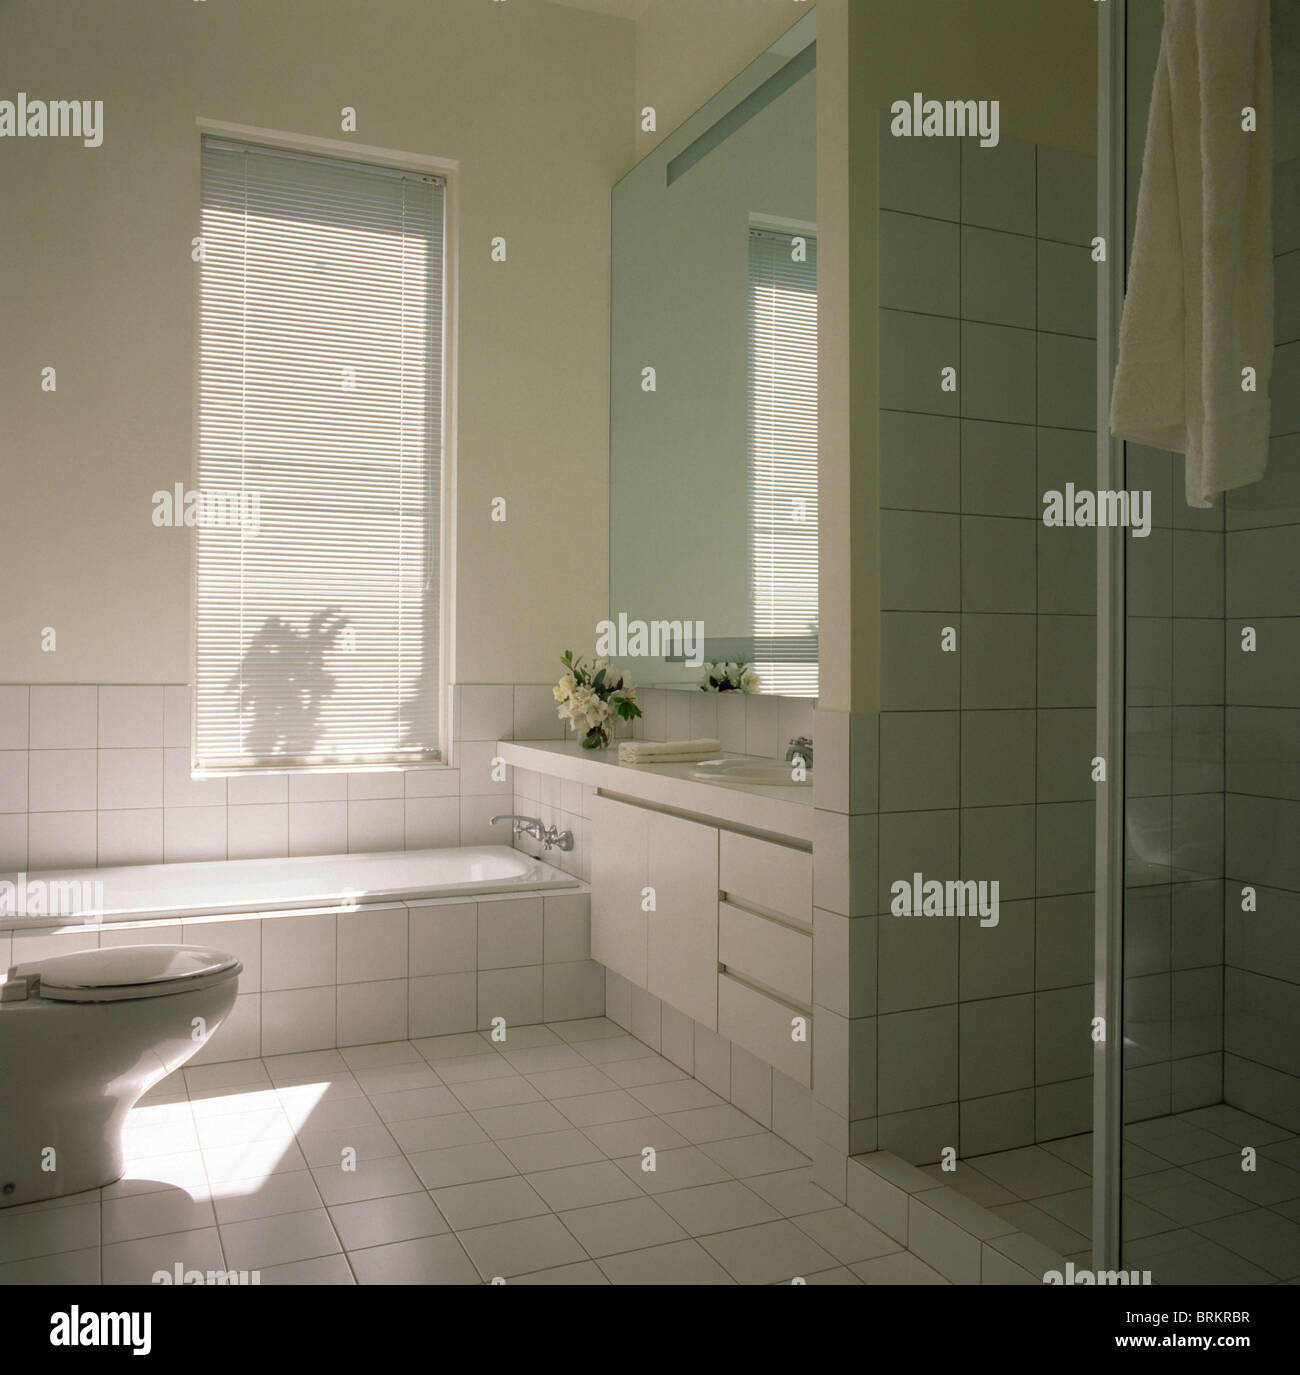 Bad unter Fenster in modernen weiß gefliestes Badezimmer Stockfoto ...